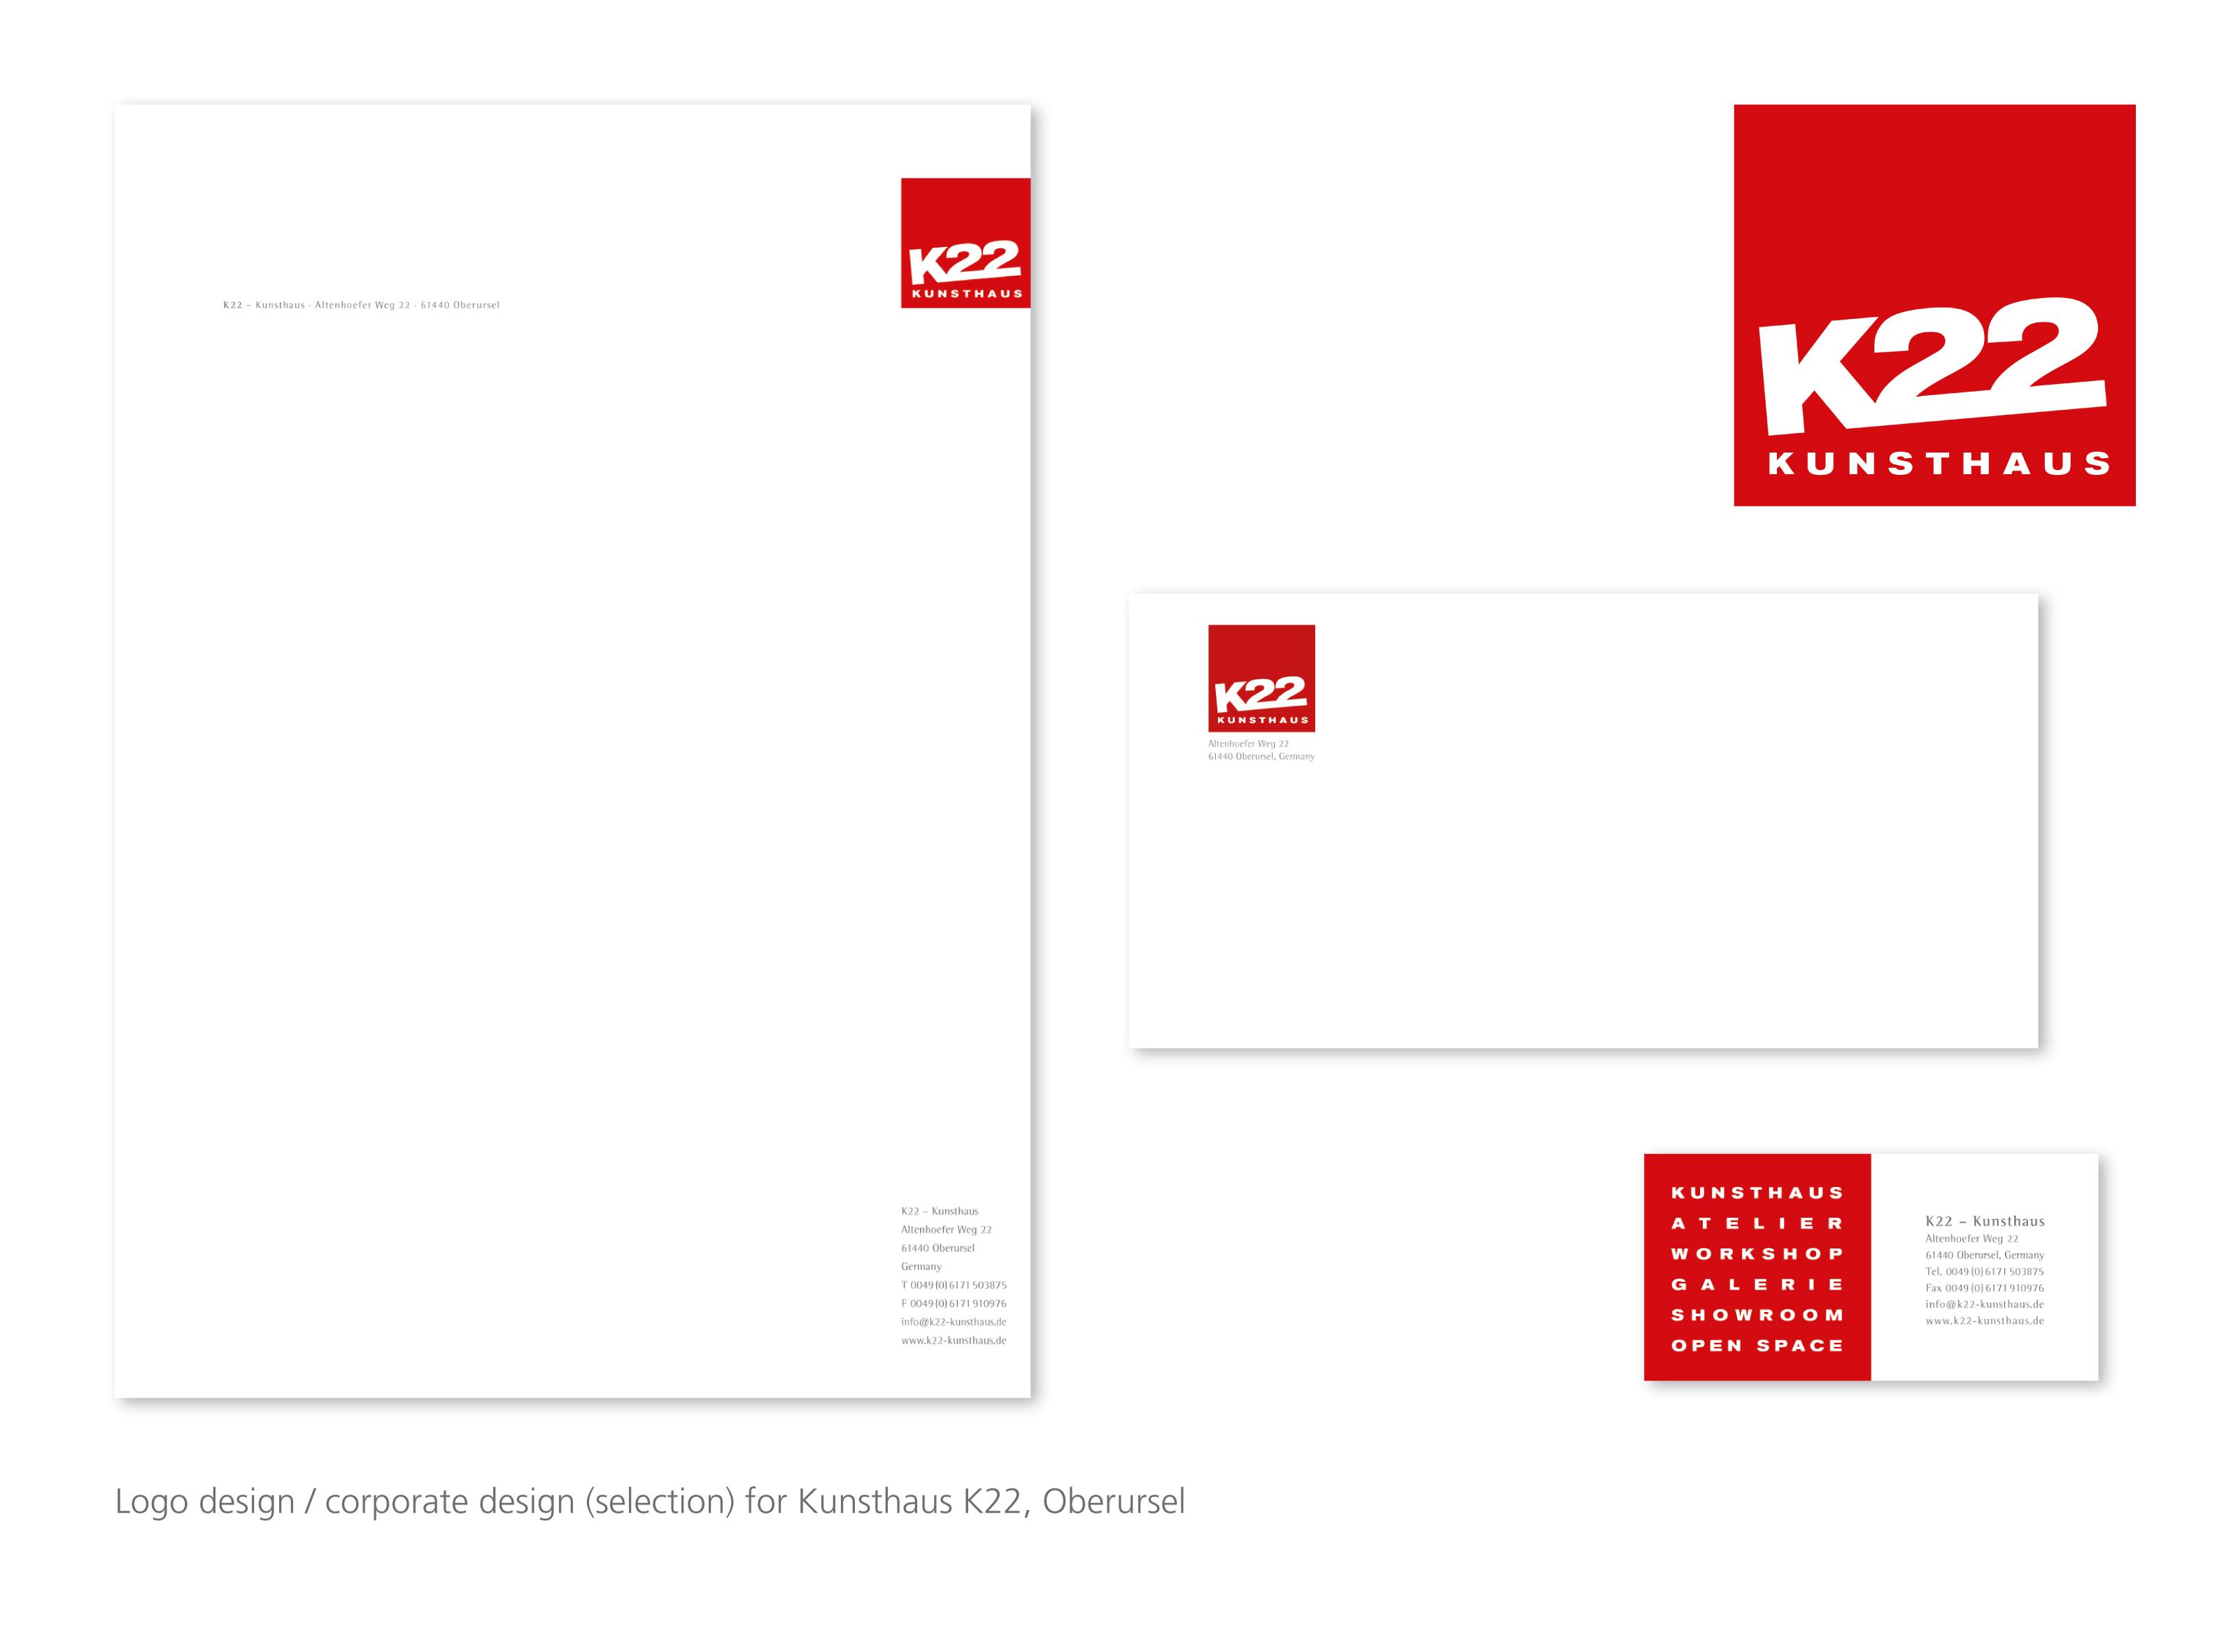 Corporate_Design_E_11_k22